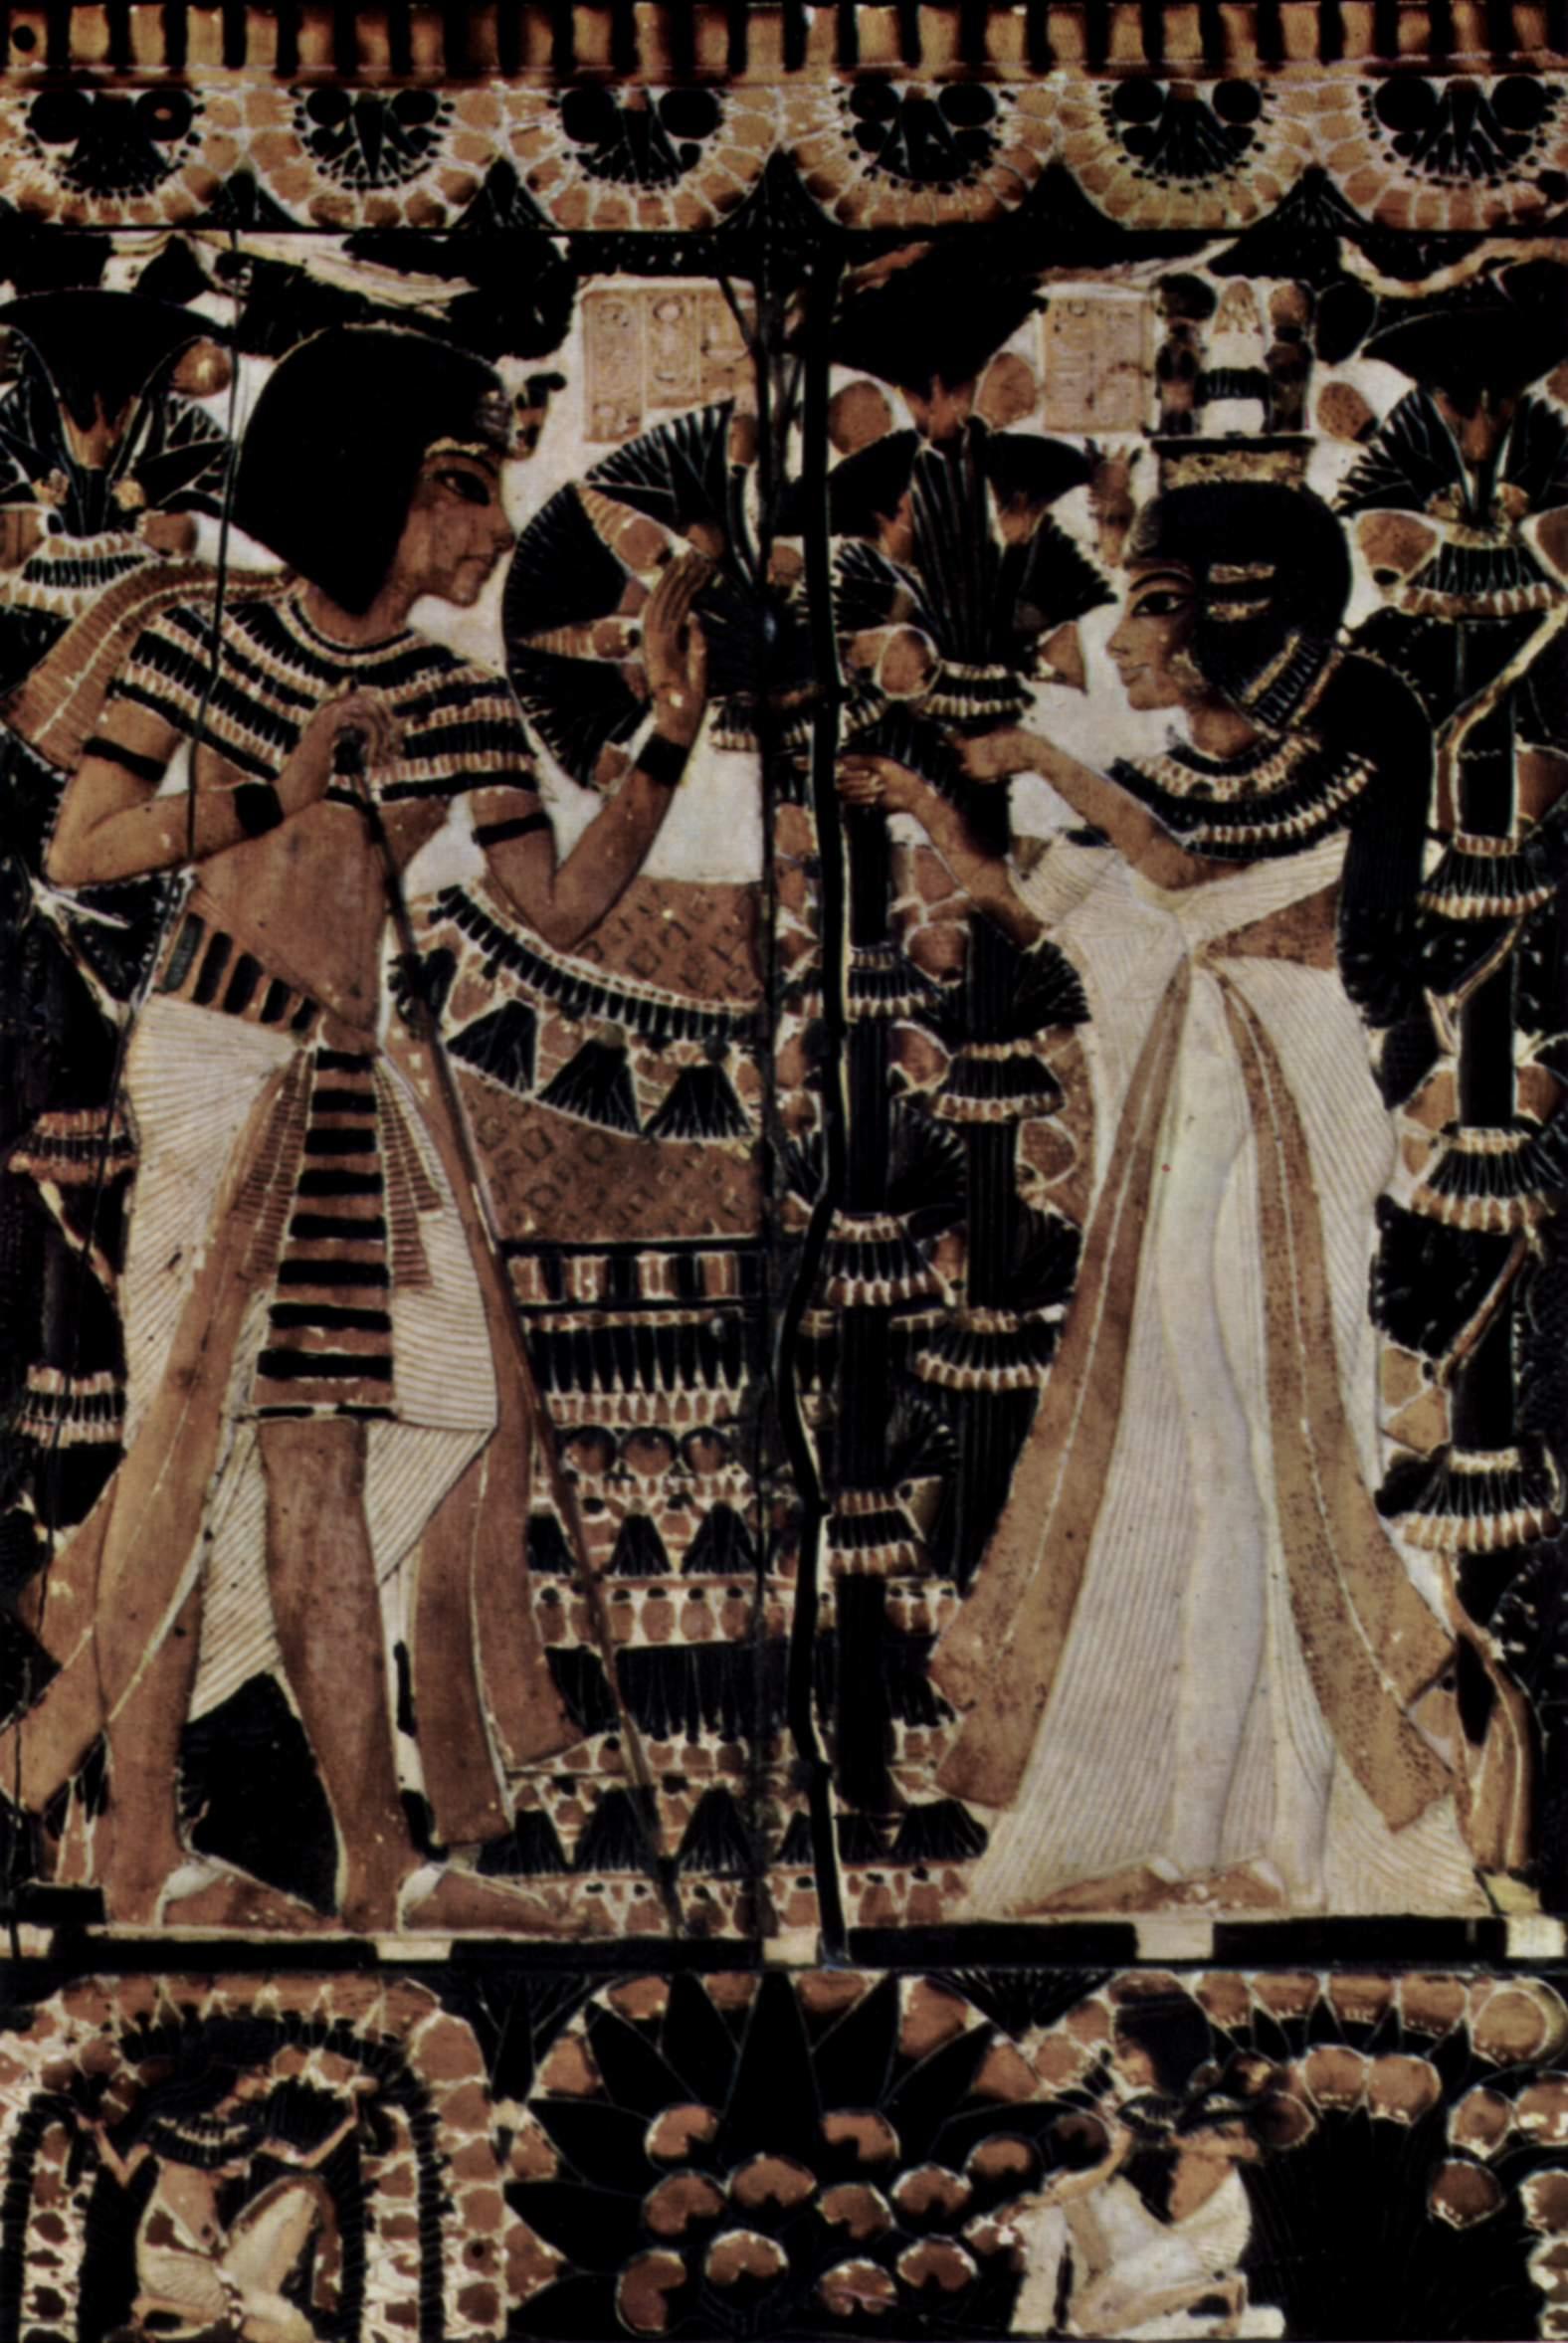 http://upload.wikimedia.org/wikipedia/commons/6/67/%C3%84gyptischer_Maler_um_1350_v._Chr._001.jpg